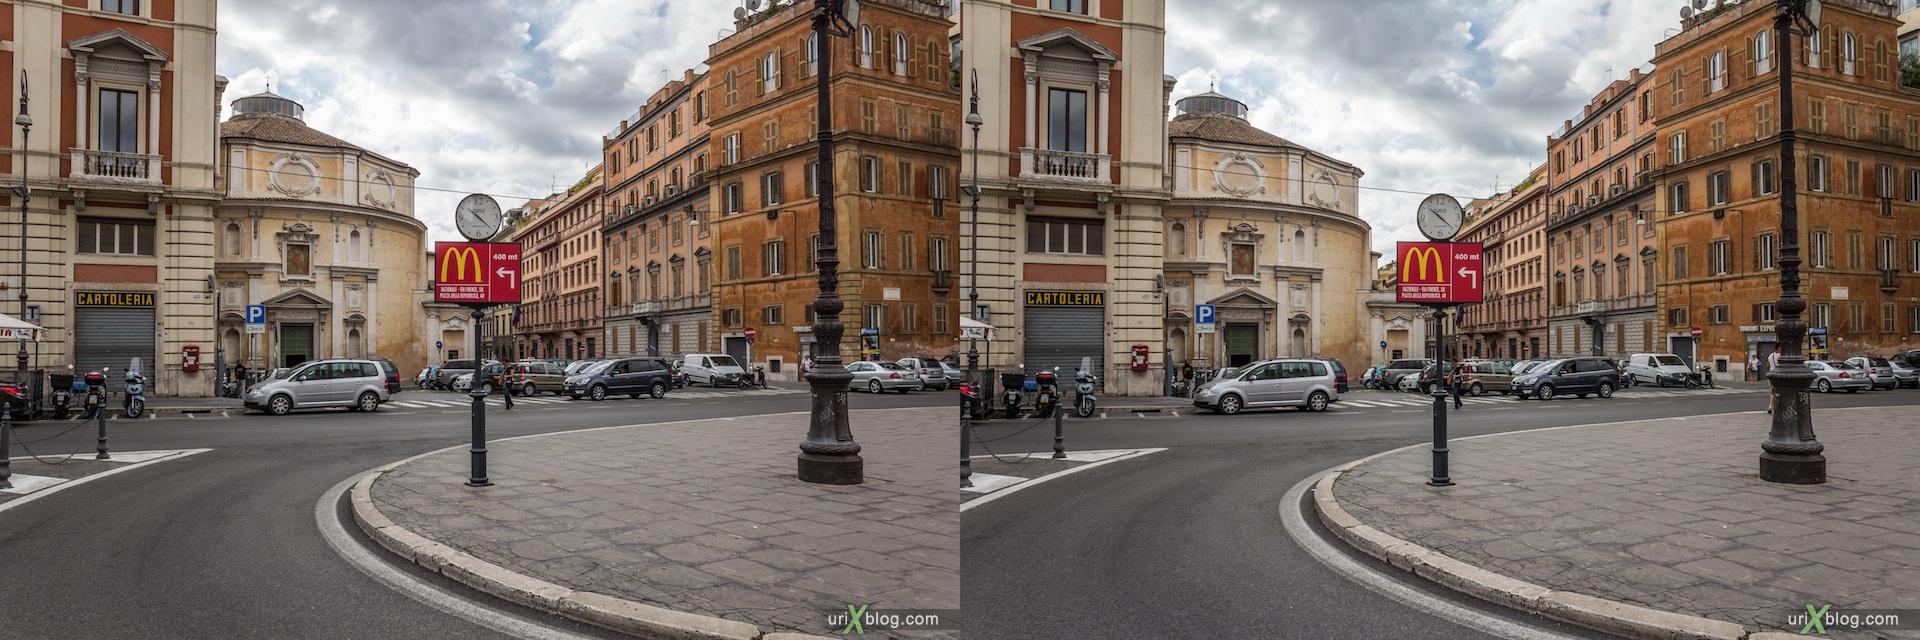 2012, Piazza San Bernardo площадь, МакДоналдс знак, McDonalds sign, церковь Сан-Бернардо-алле-Терме, Рим, Италия, осень, 3D, перекрёстные стереопары, стерео, стереопара, стереопары